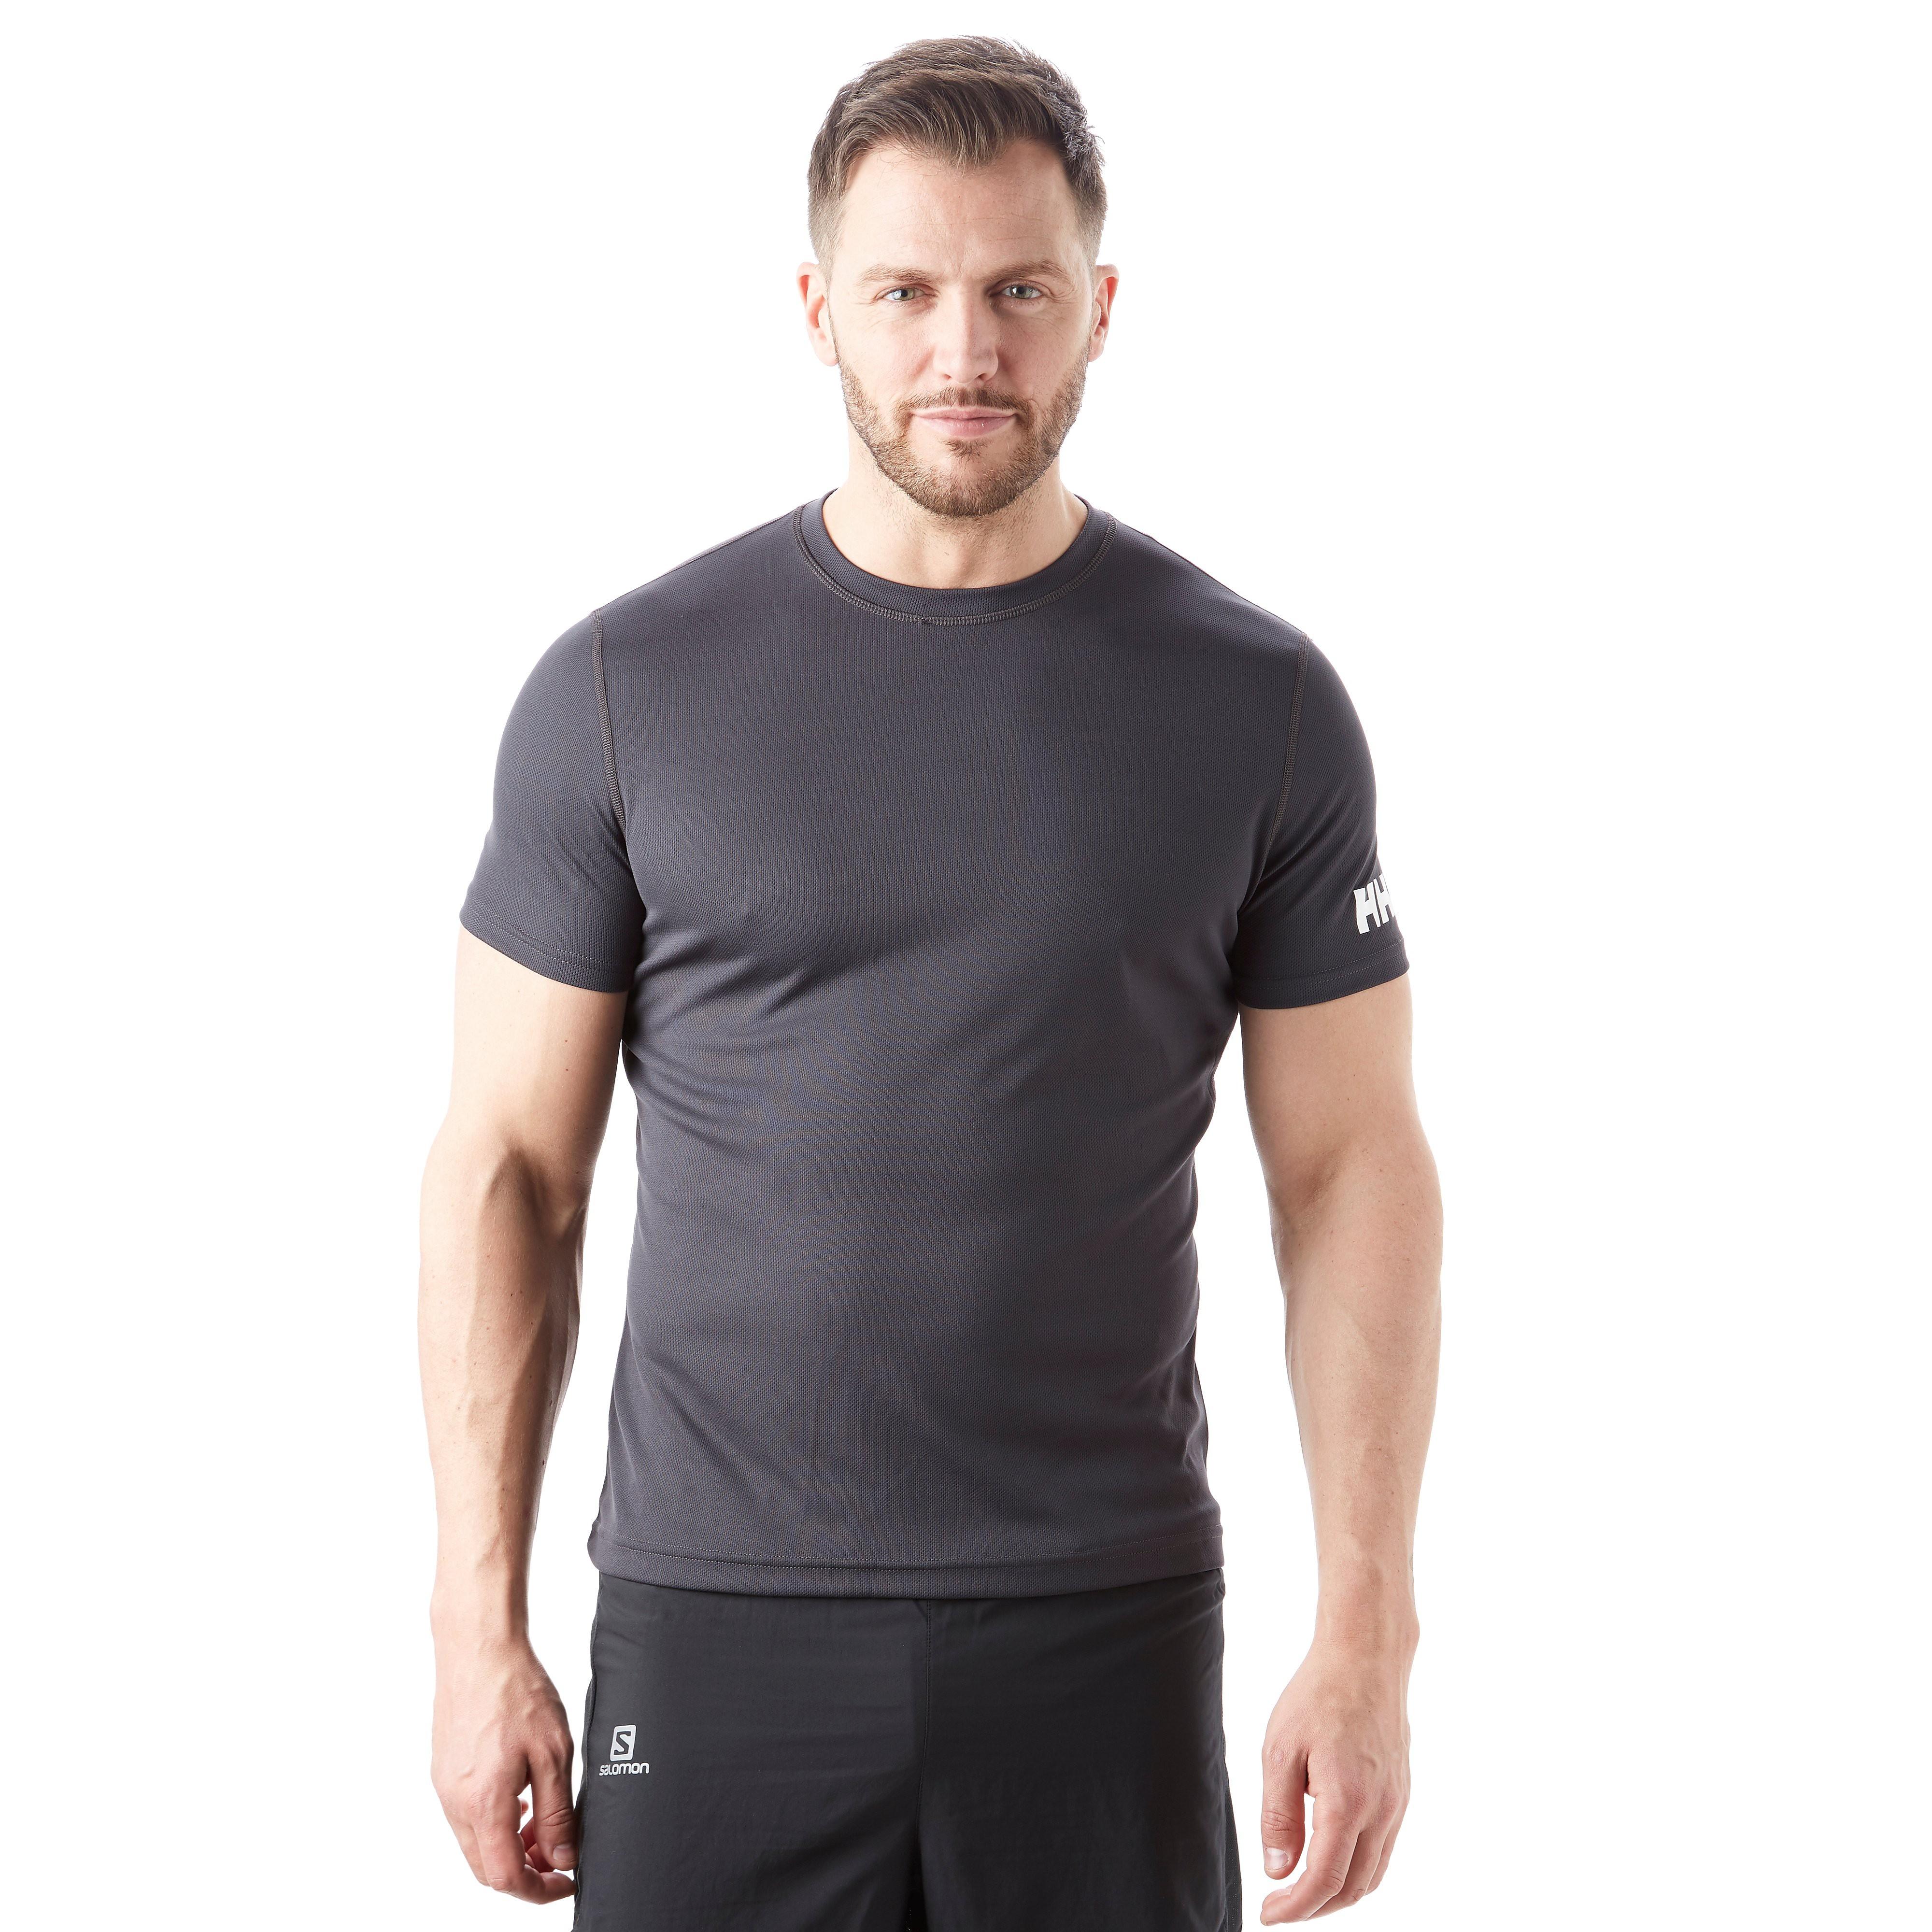 Helly Hansen HH Tech Men's Training T-Shirt